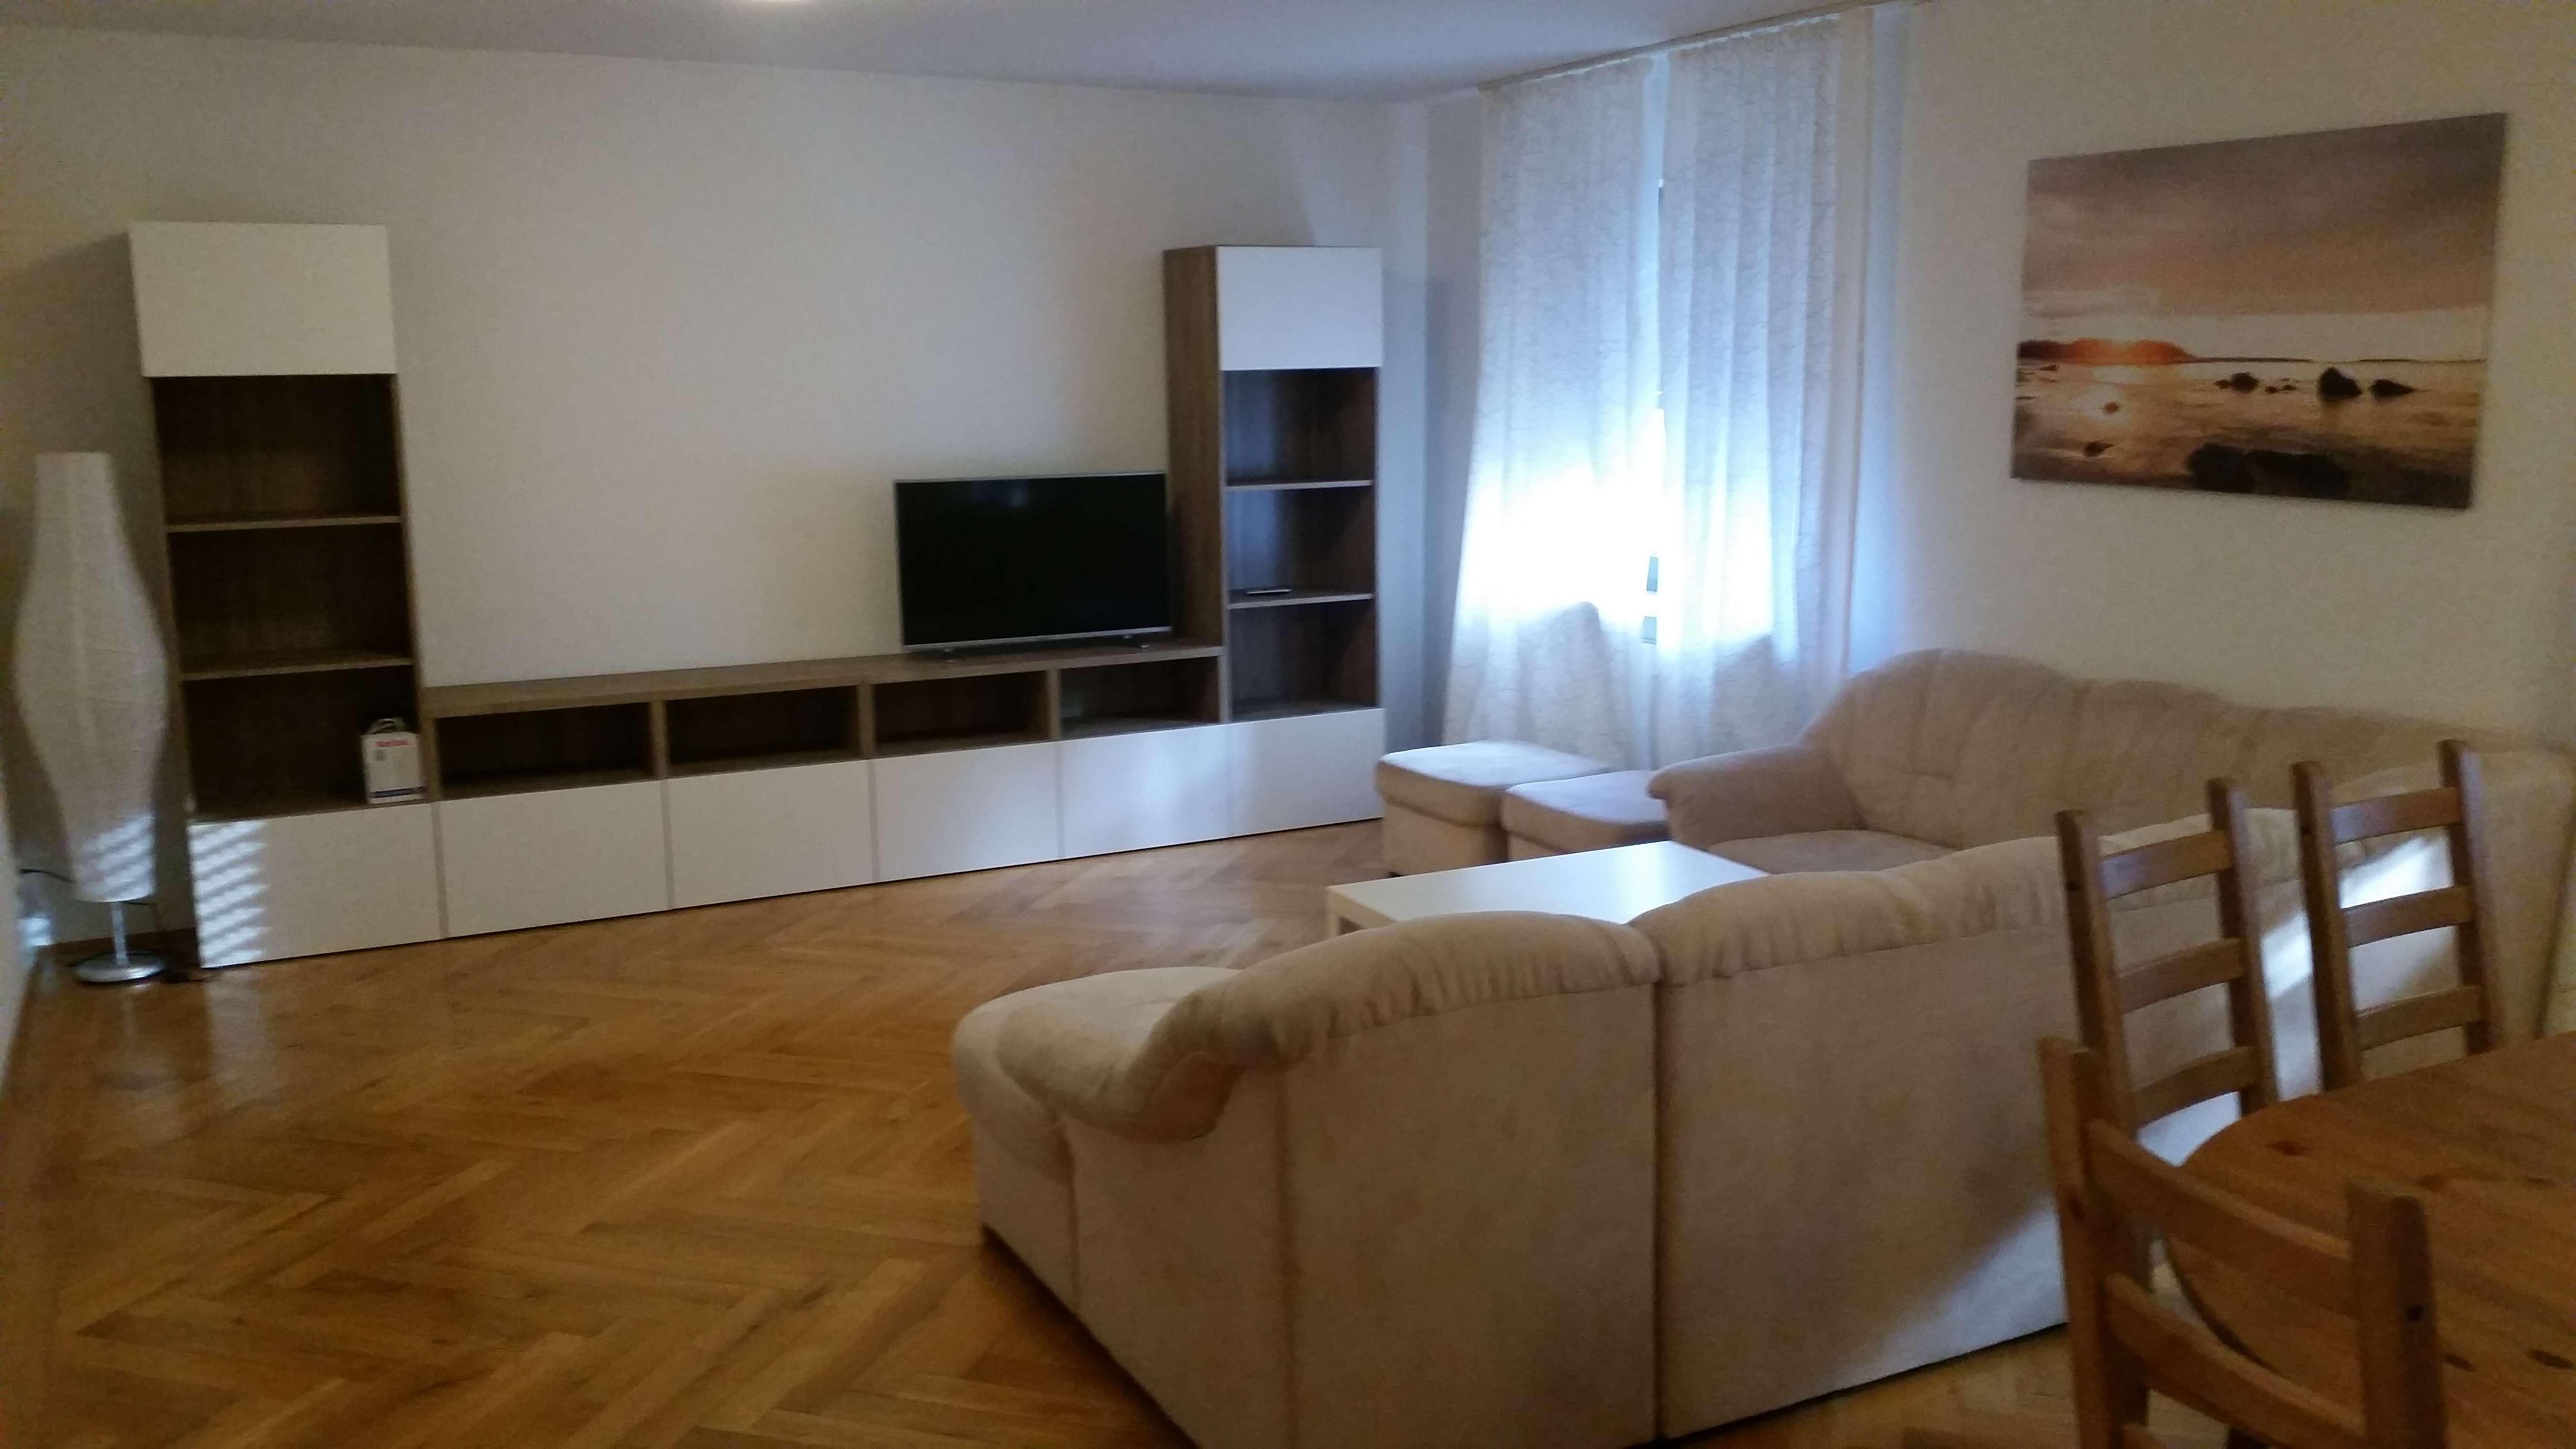 Schöne, möblierte 2-Zimmer Wohnung in St. Johannis, Nürnberg in